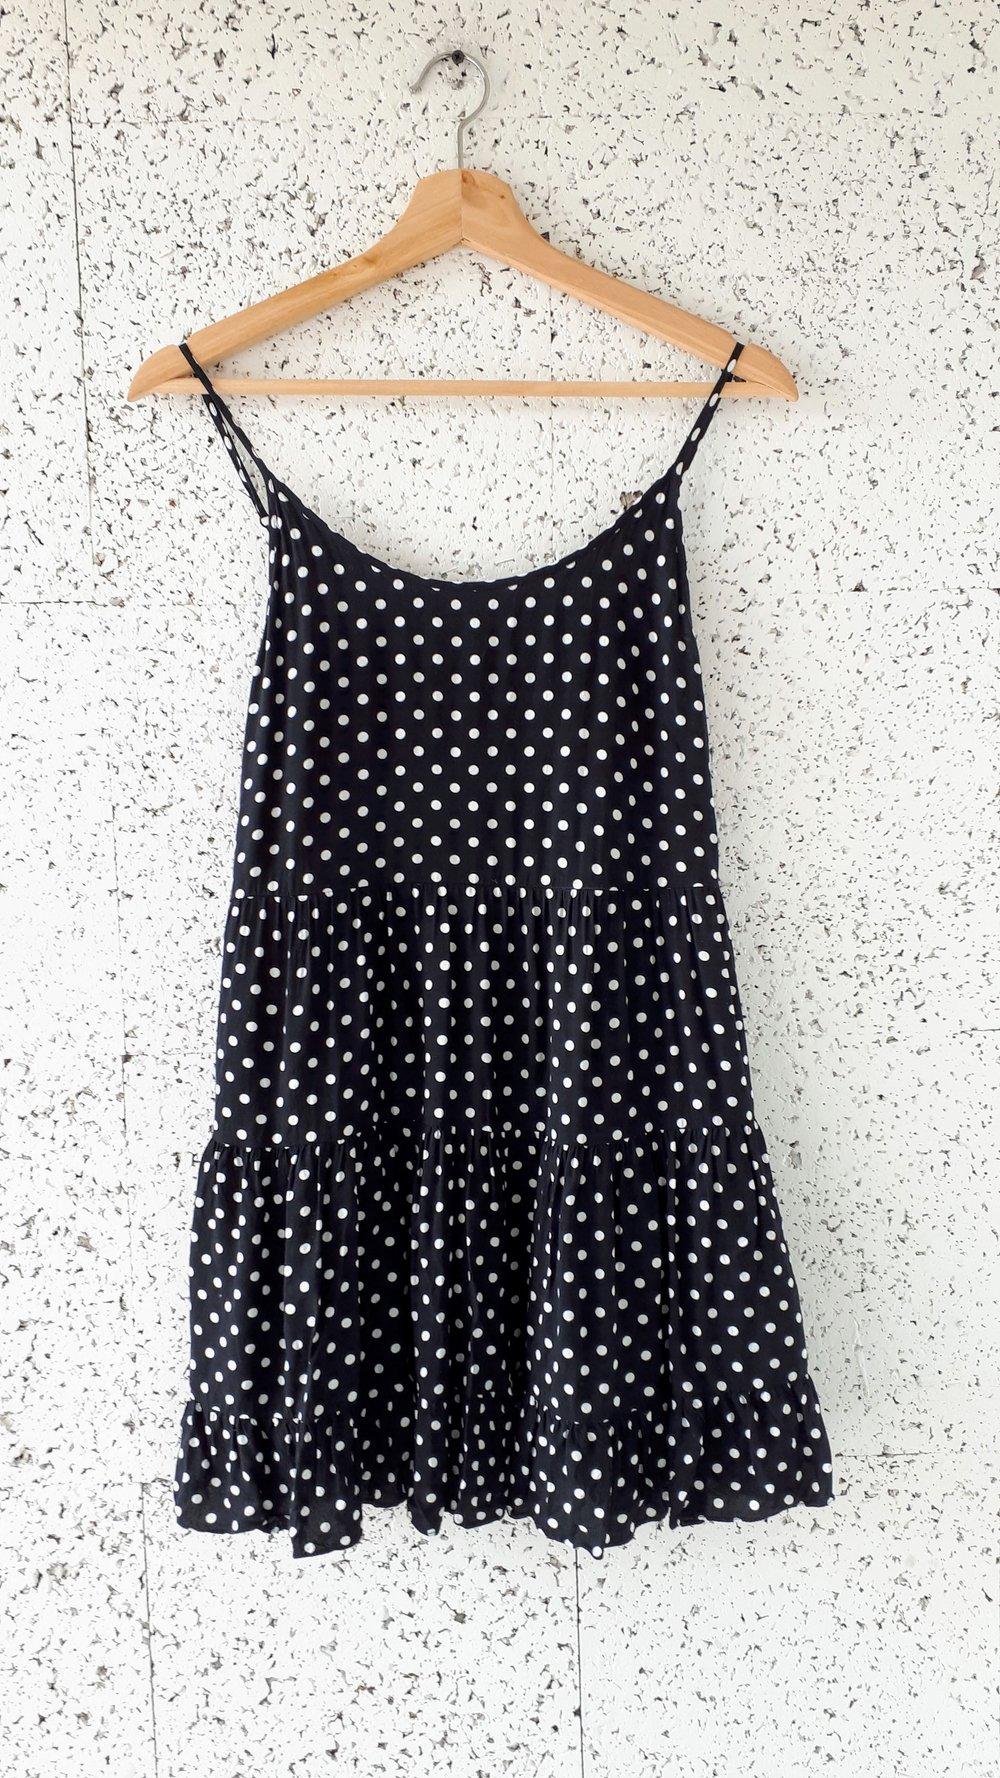 Talula dress; Size XS, $24